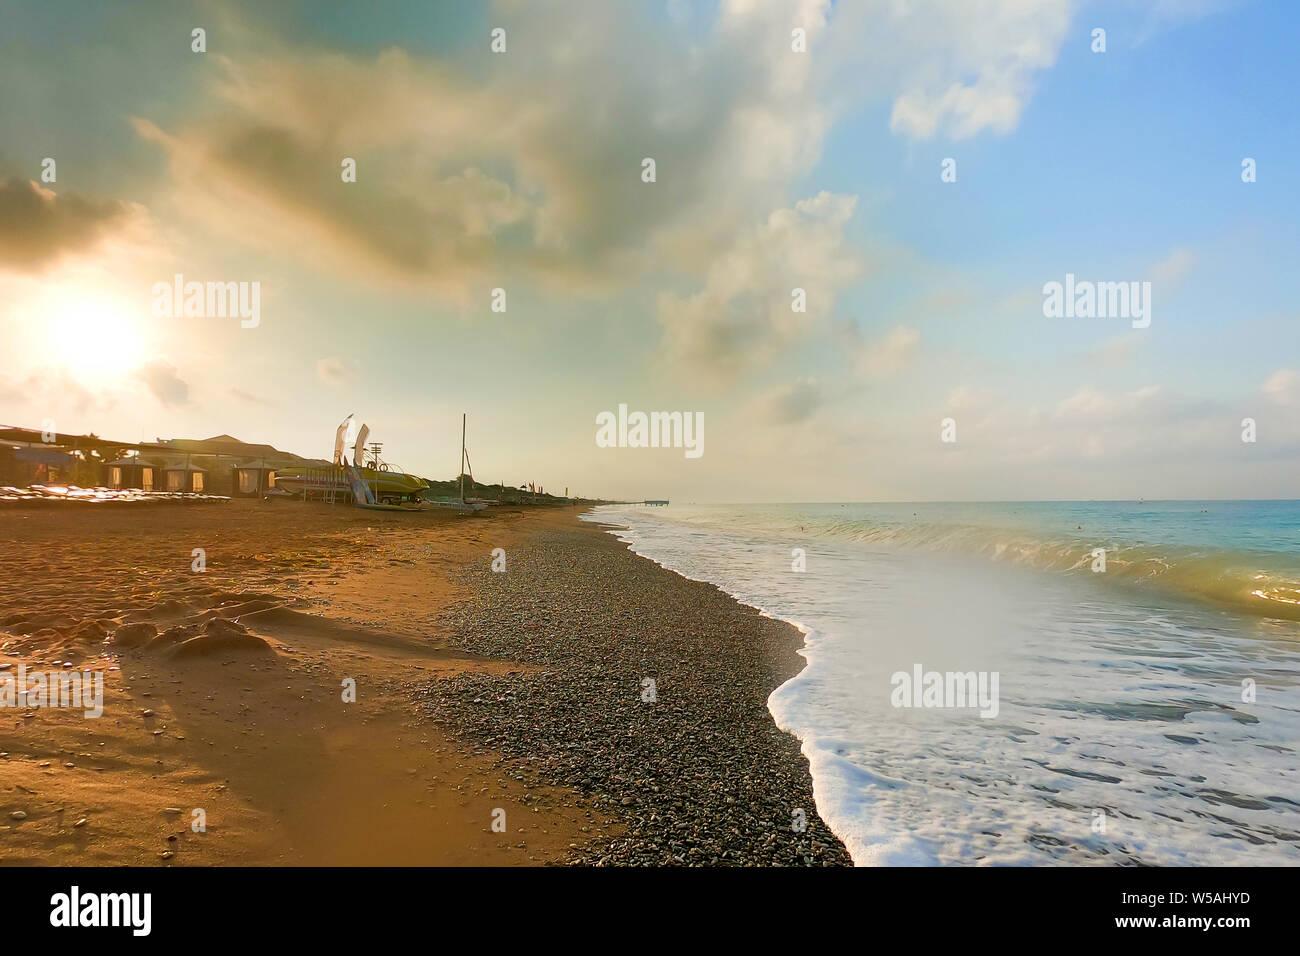 La tempesta è venuta al mare Costa, colori luminosi del cielo e acqua di mare. Foto Stock